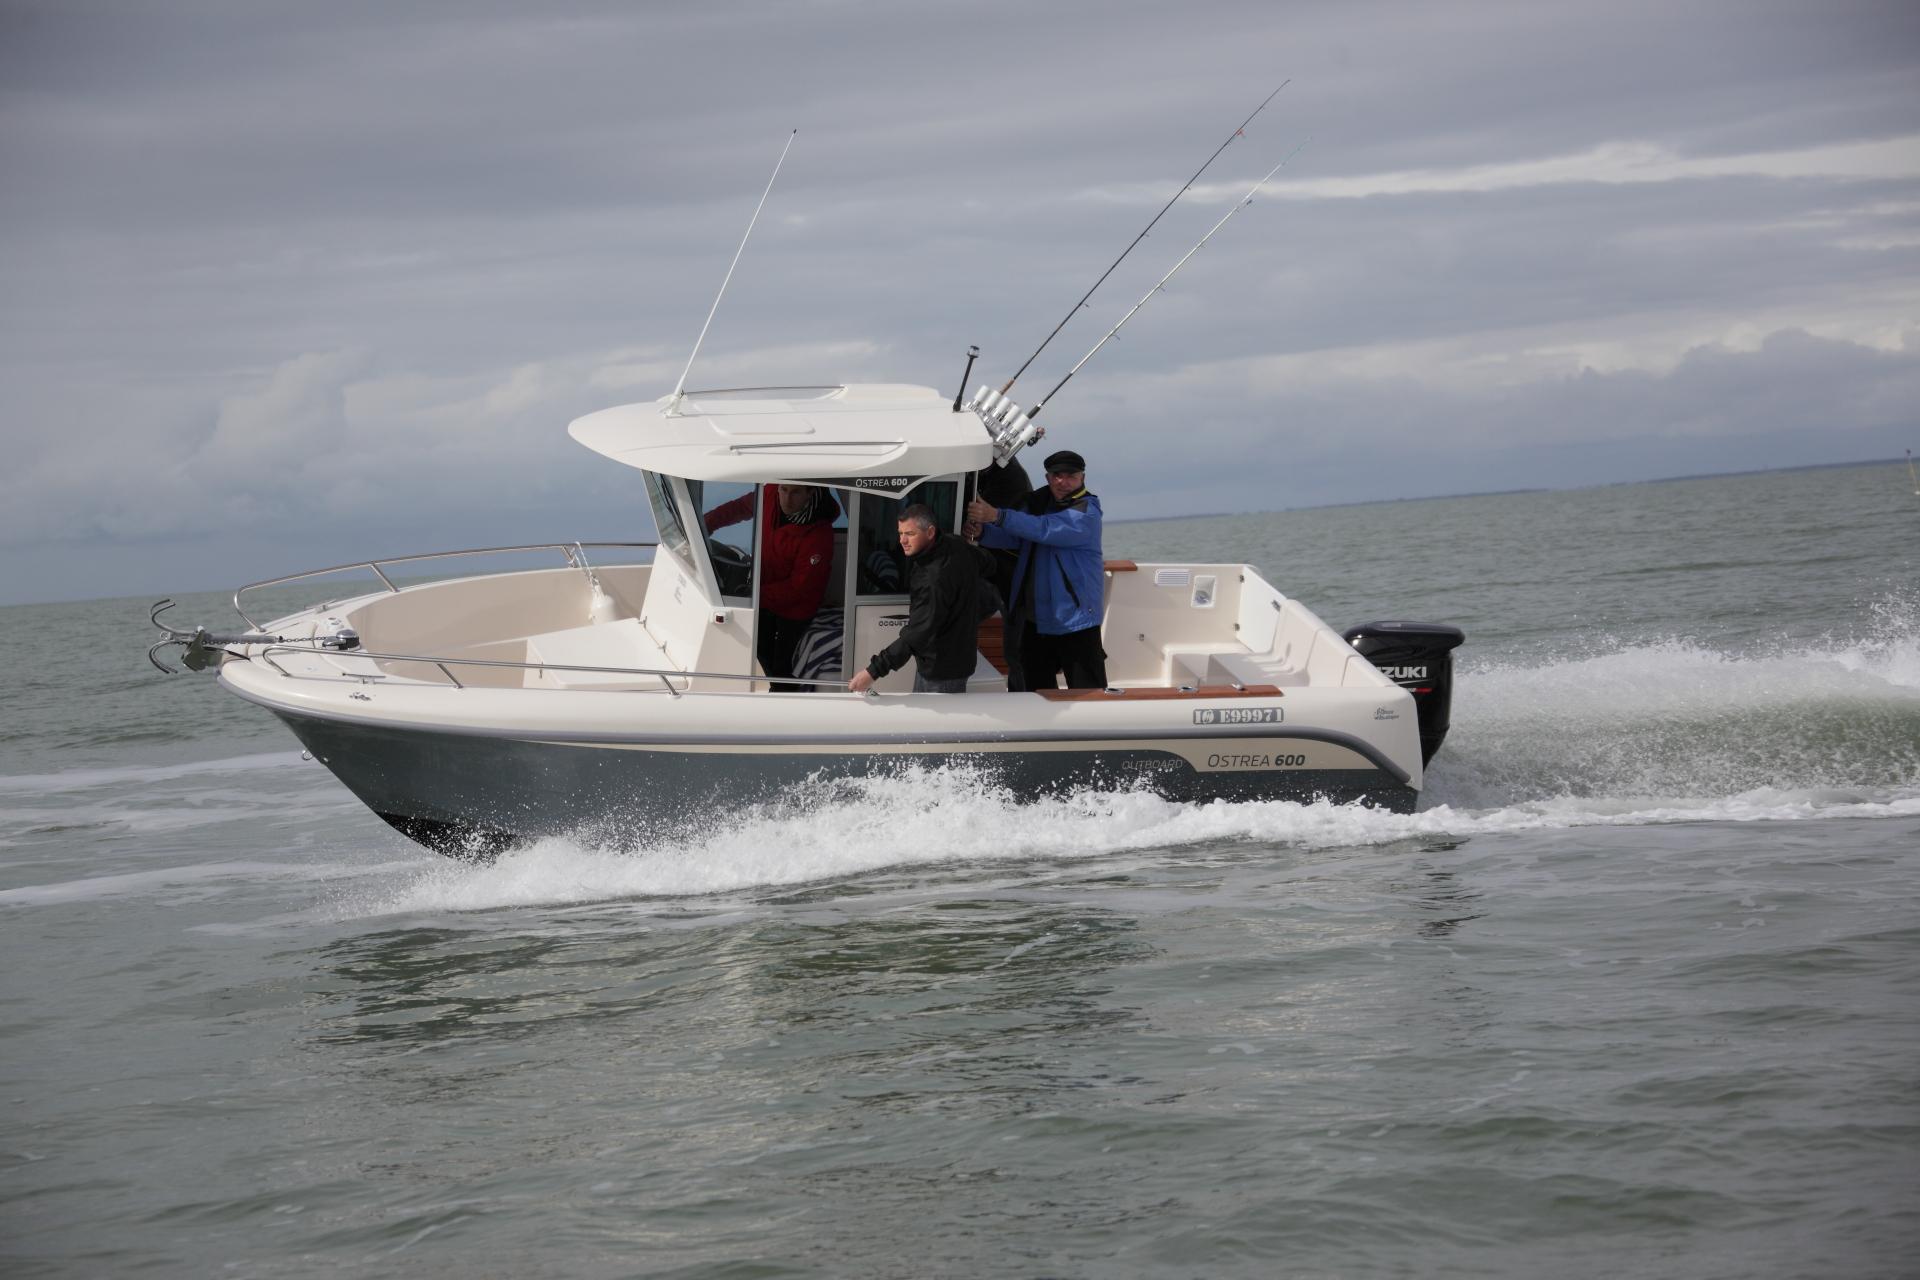 bateau peche ocqueteau